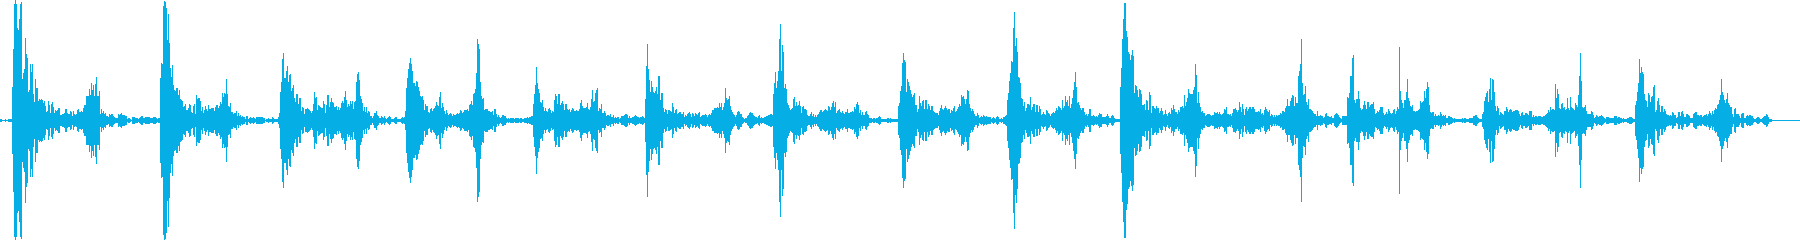 裸足で硬い地面を走る音の再生済みの波形